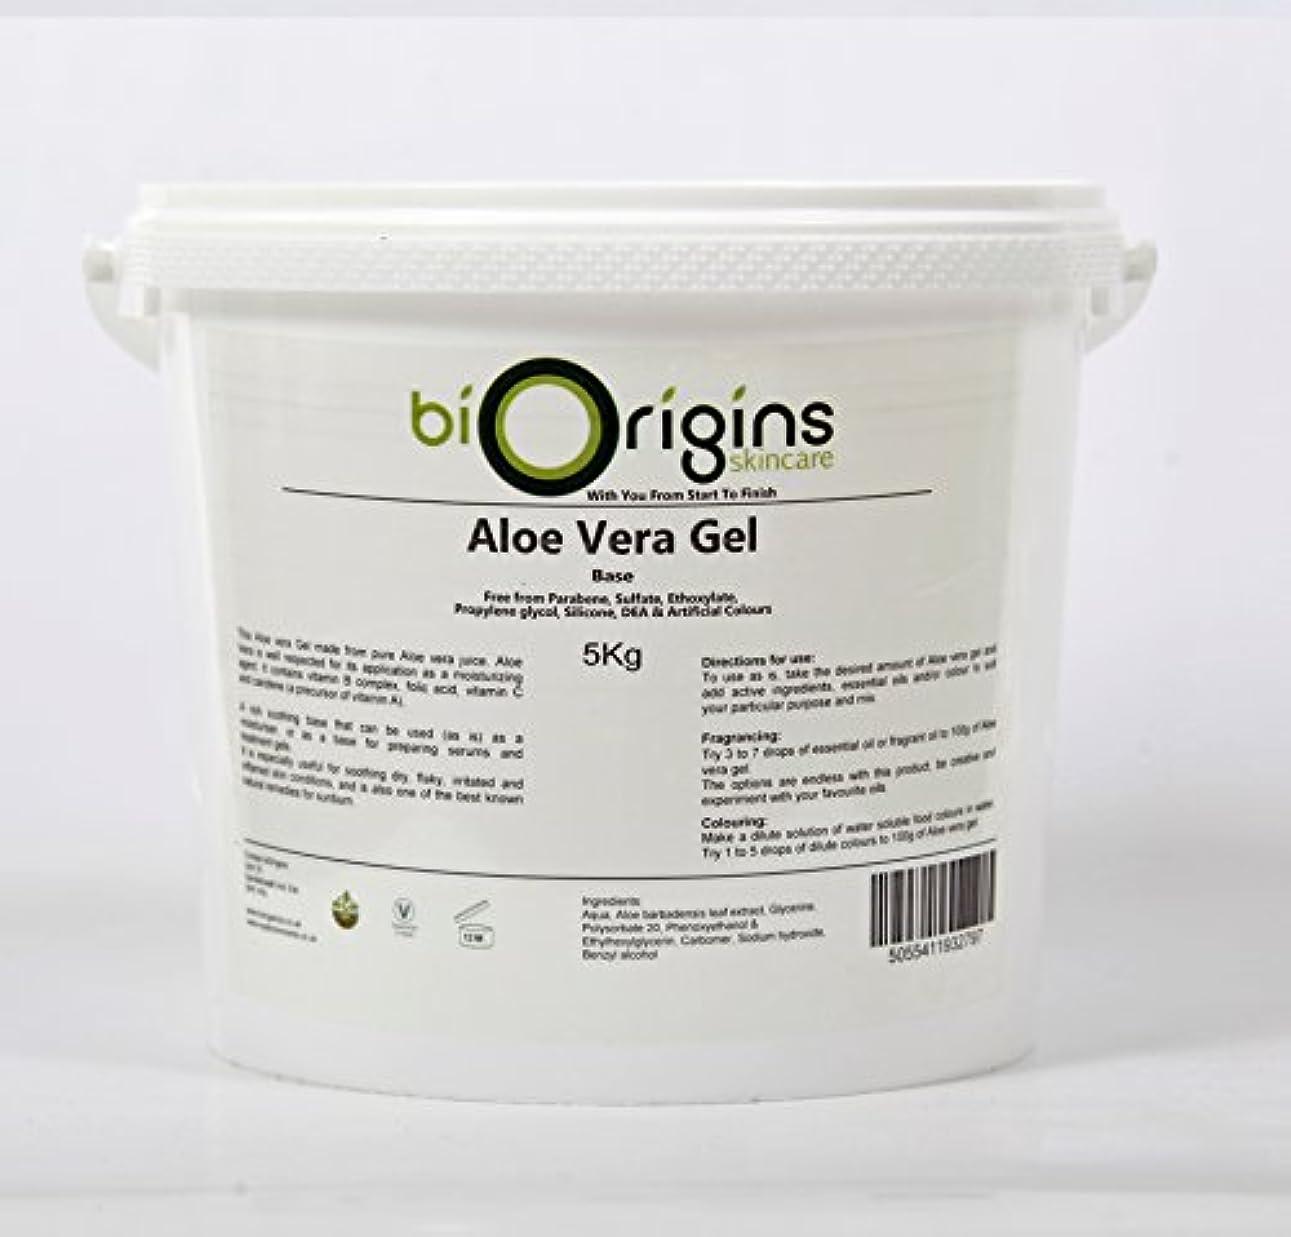 にぎやか環境保護主義者包帯Aloe Vera Gel Skincare Base 5Kg